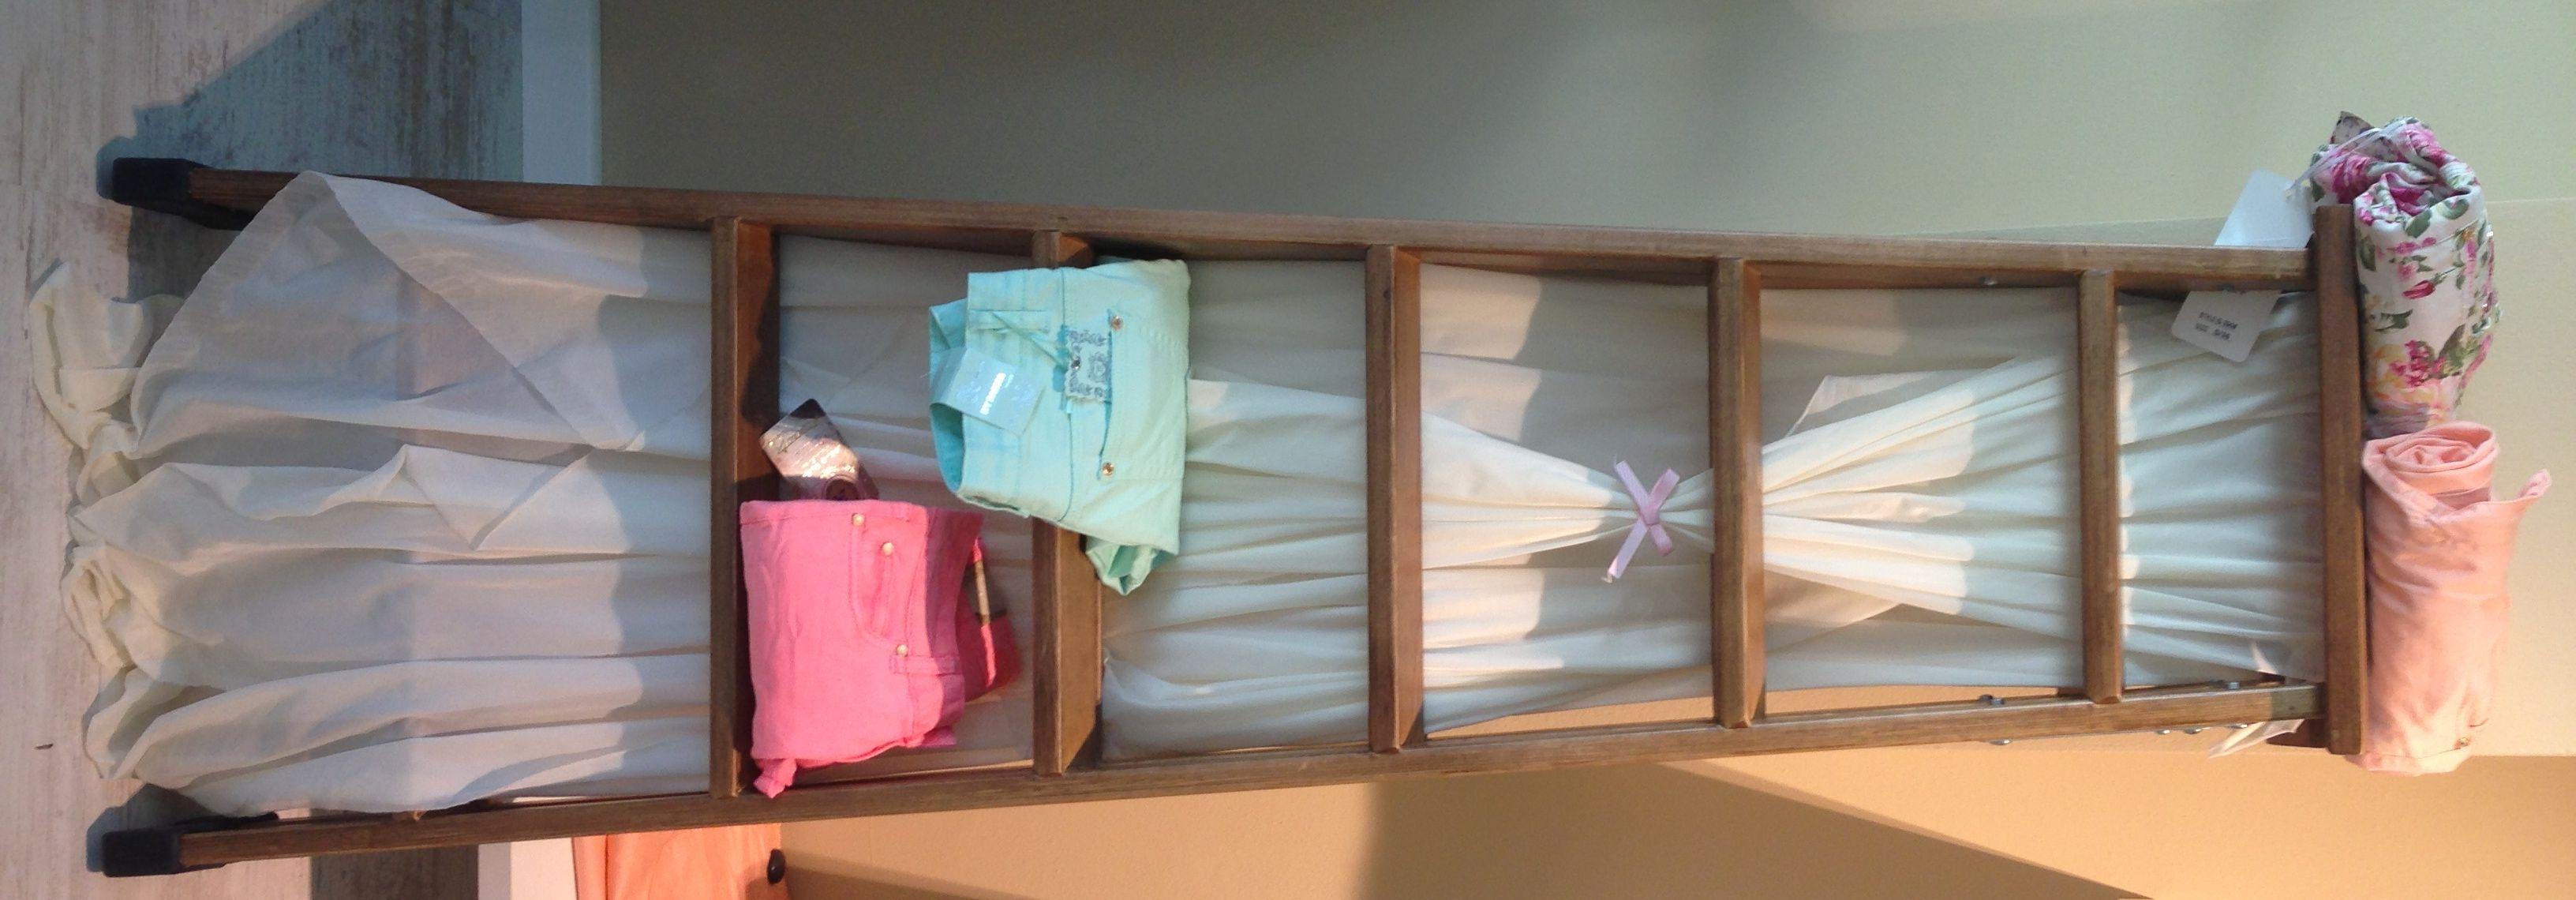 Escalera, detalle dulce para tienda de ropa